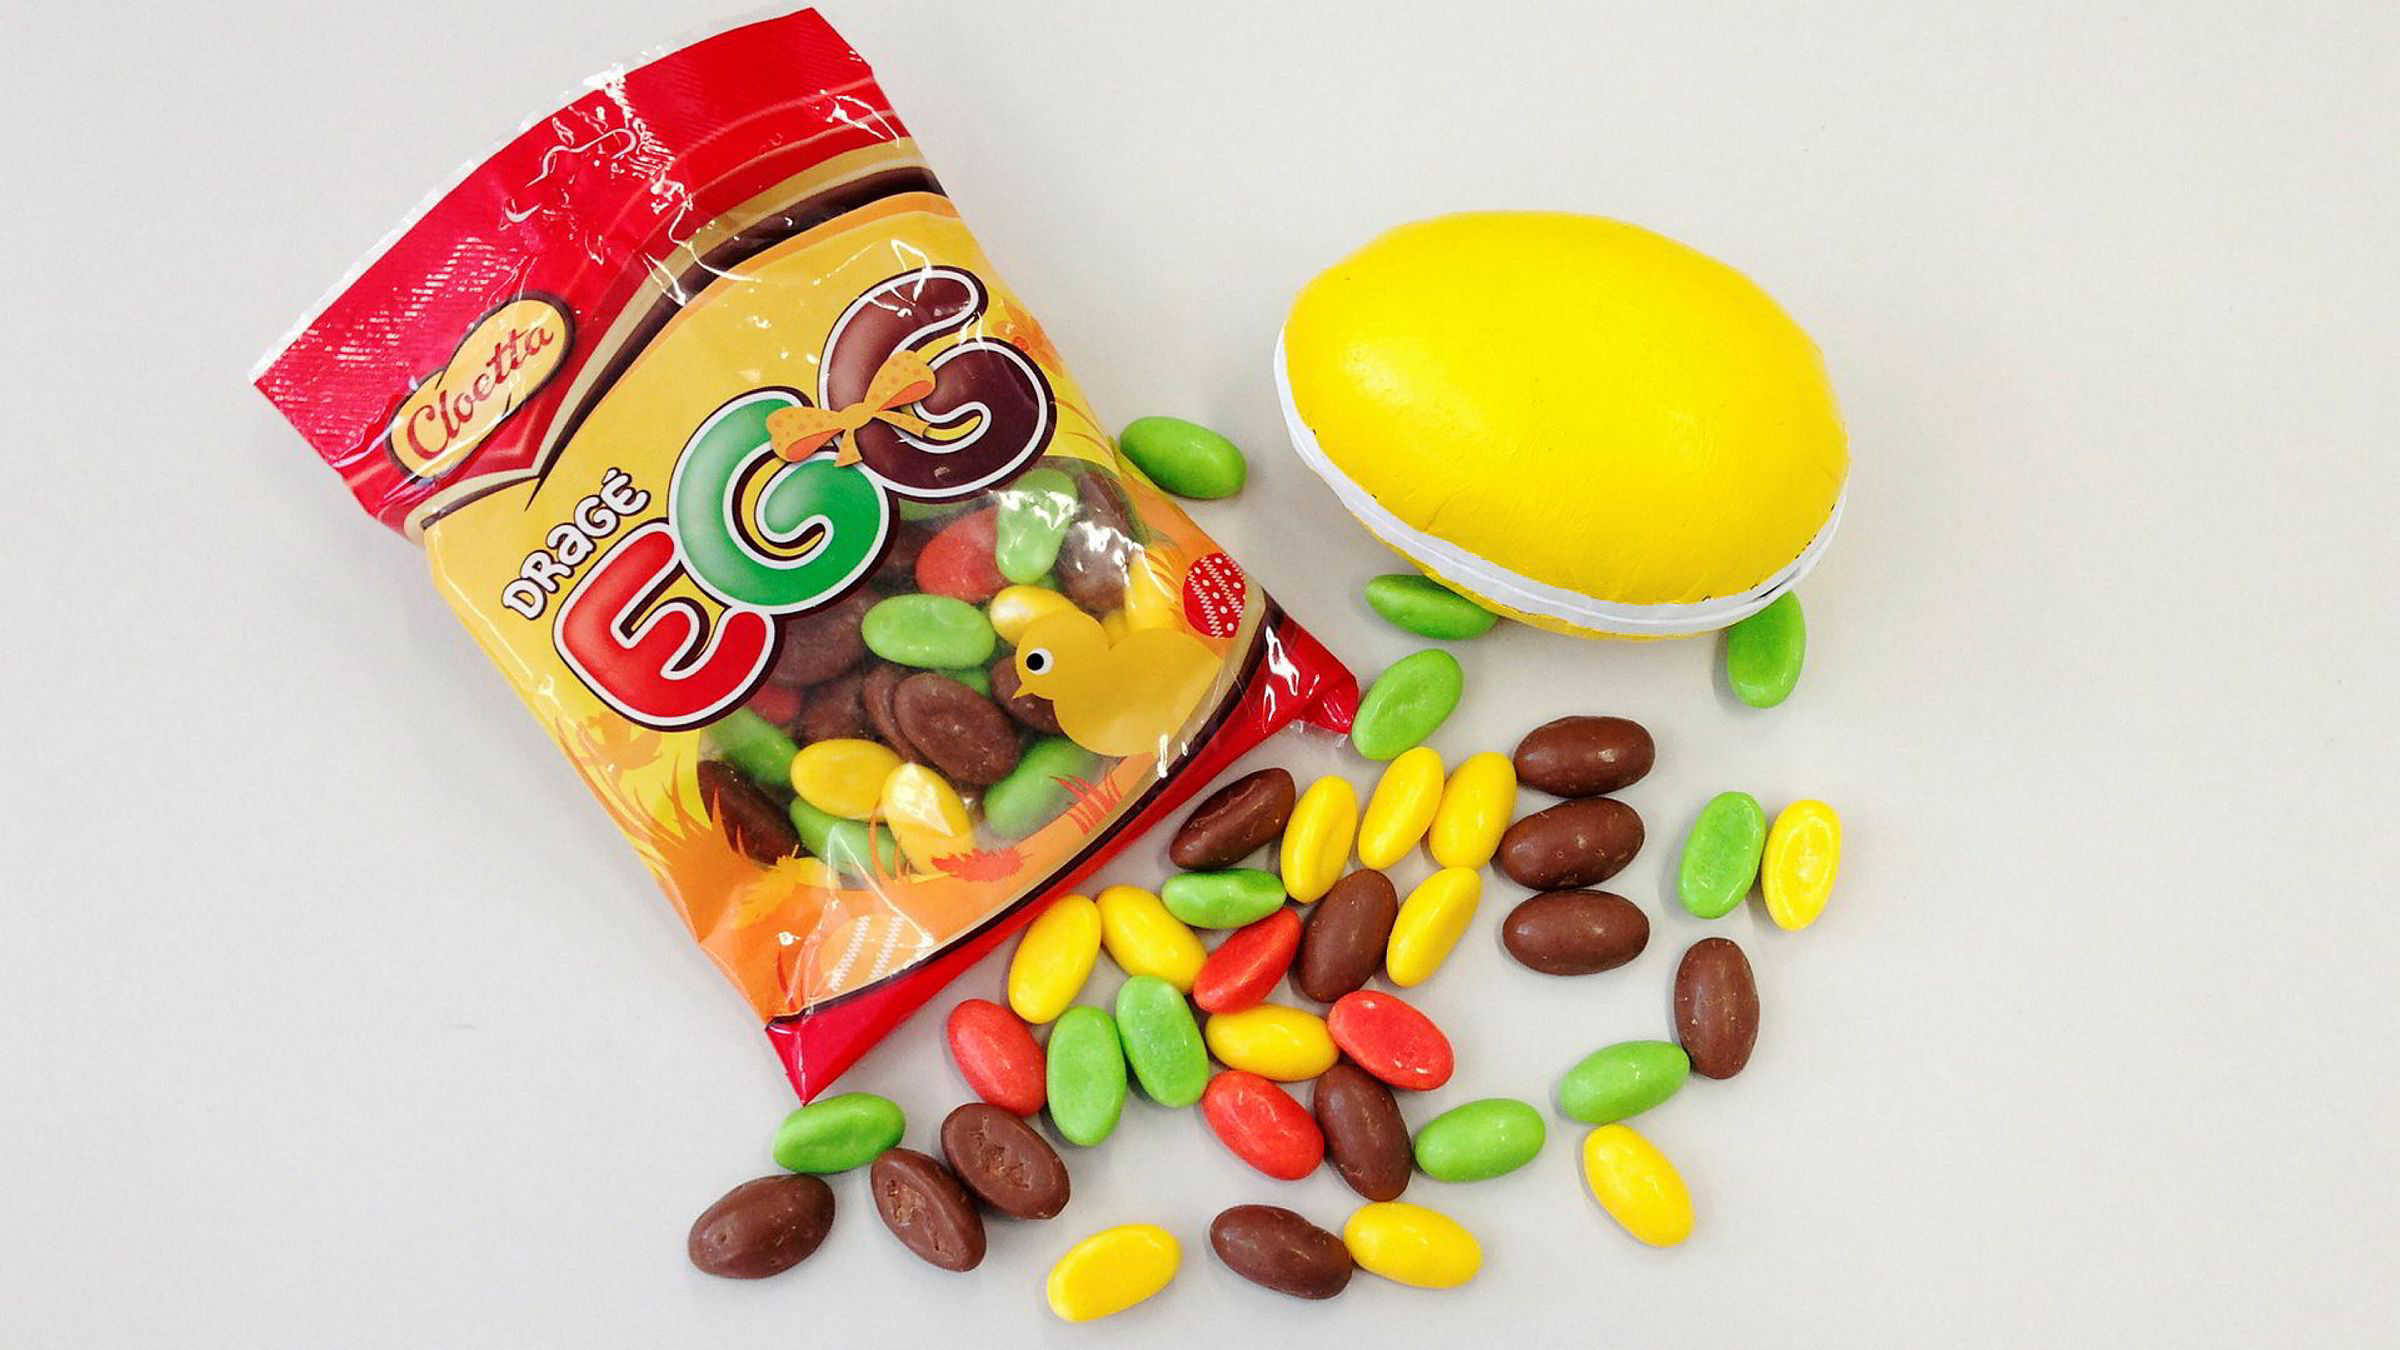 Sure tider for den svenske godteriprodusenten Cloetta, der flere topper er pågrepet mistenkt for økonomisk snusk.